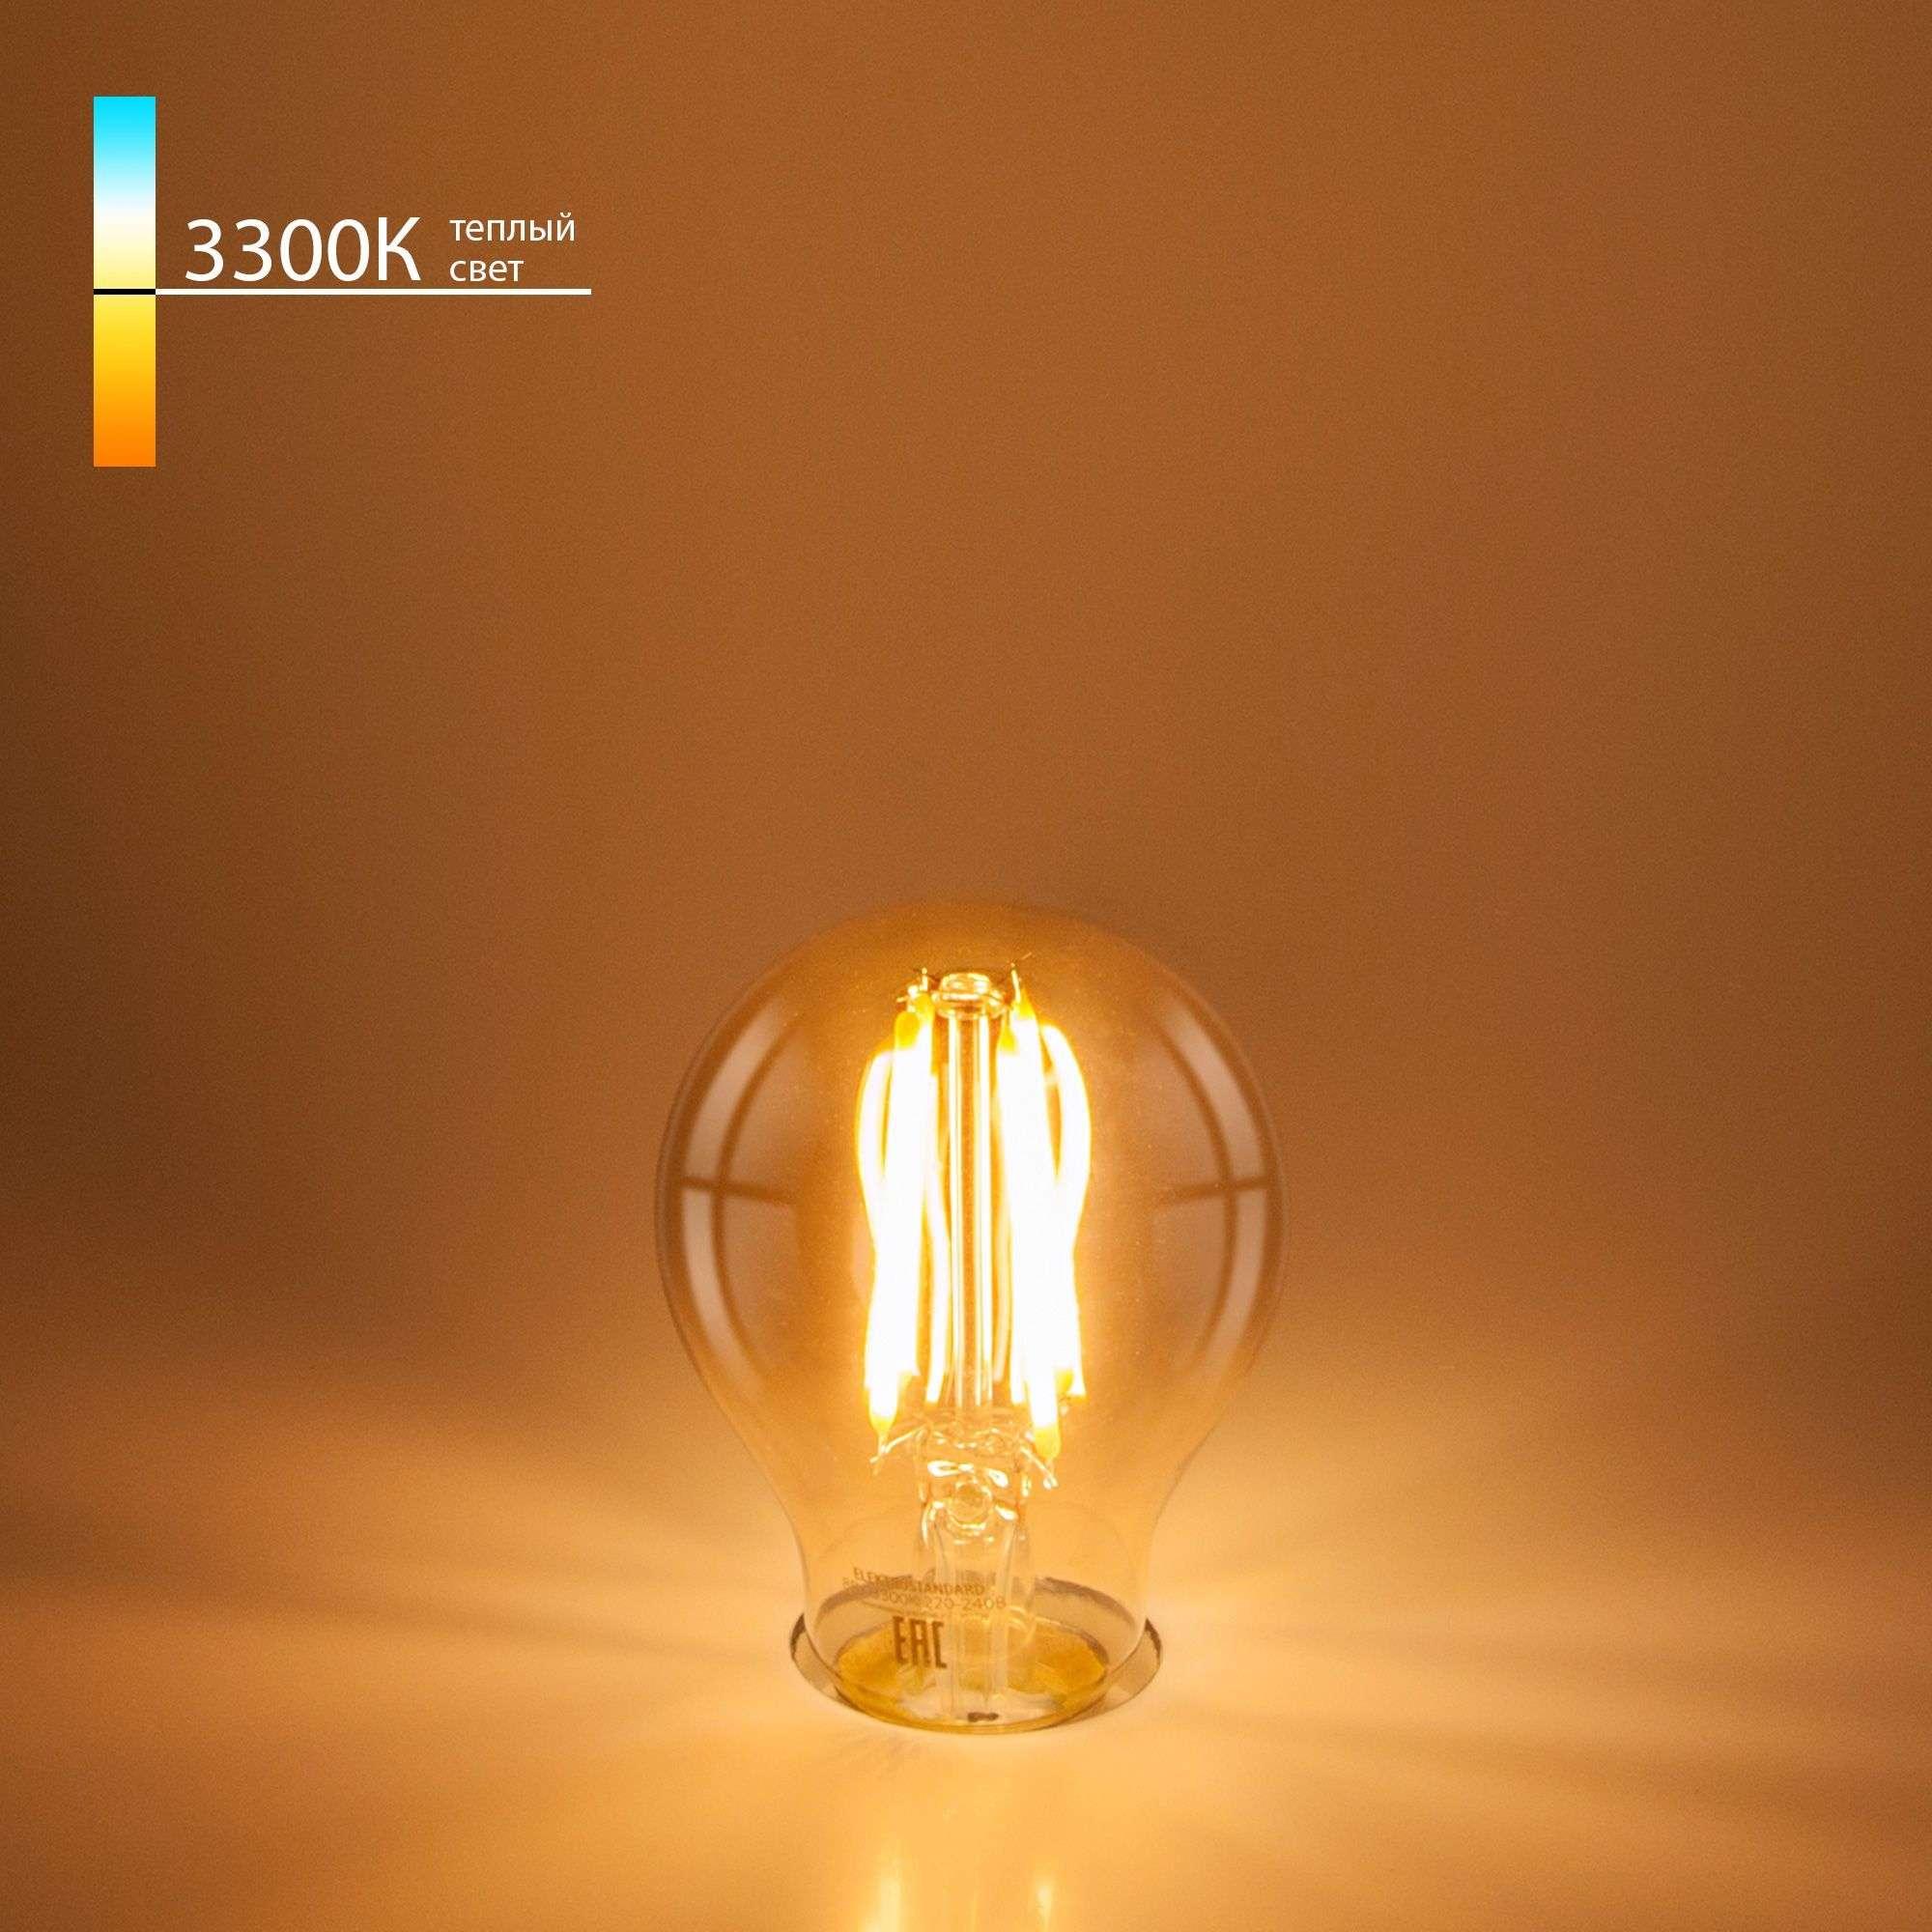 Филаментная светодиодная лампа A60 12W 3300K E27 Classic LED 12W 3300K E27 ретро